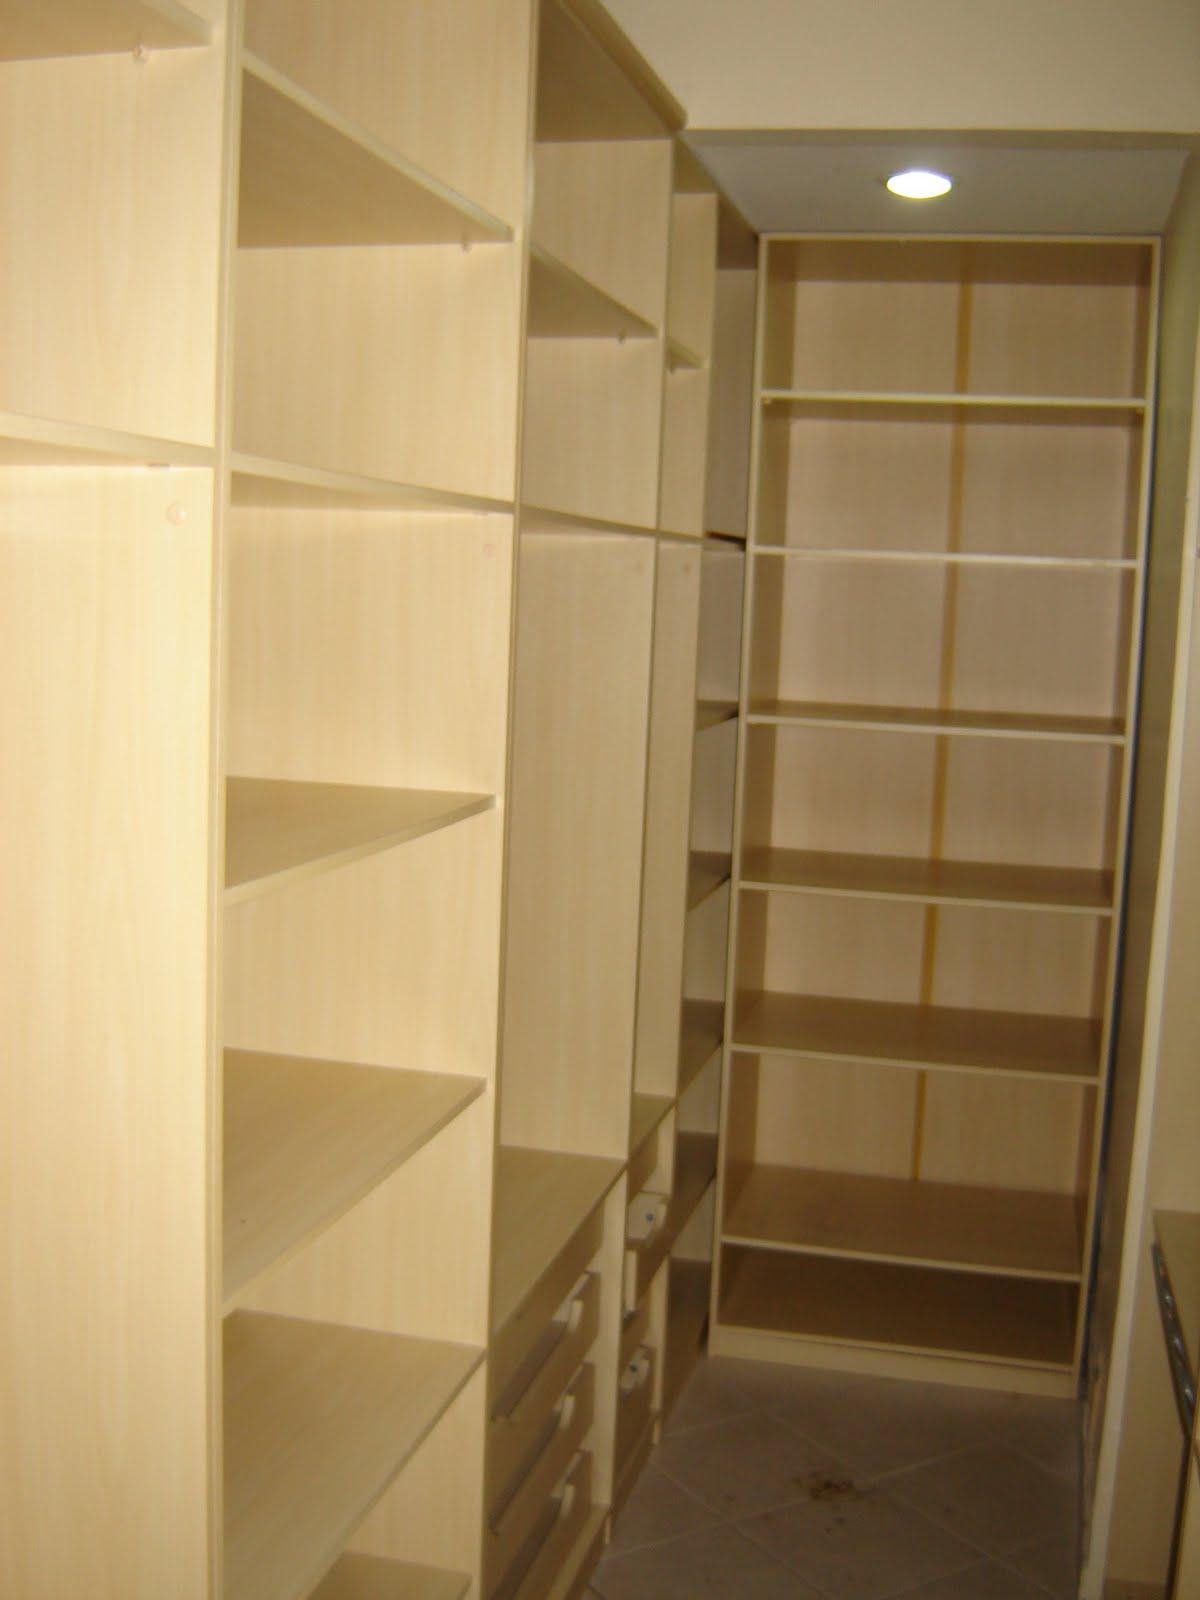 barravai: Quarto e banheiro de empregada (atual closet 19P) #B48817 1200 1600